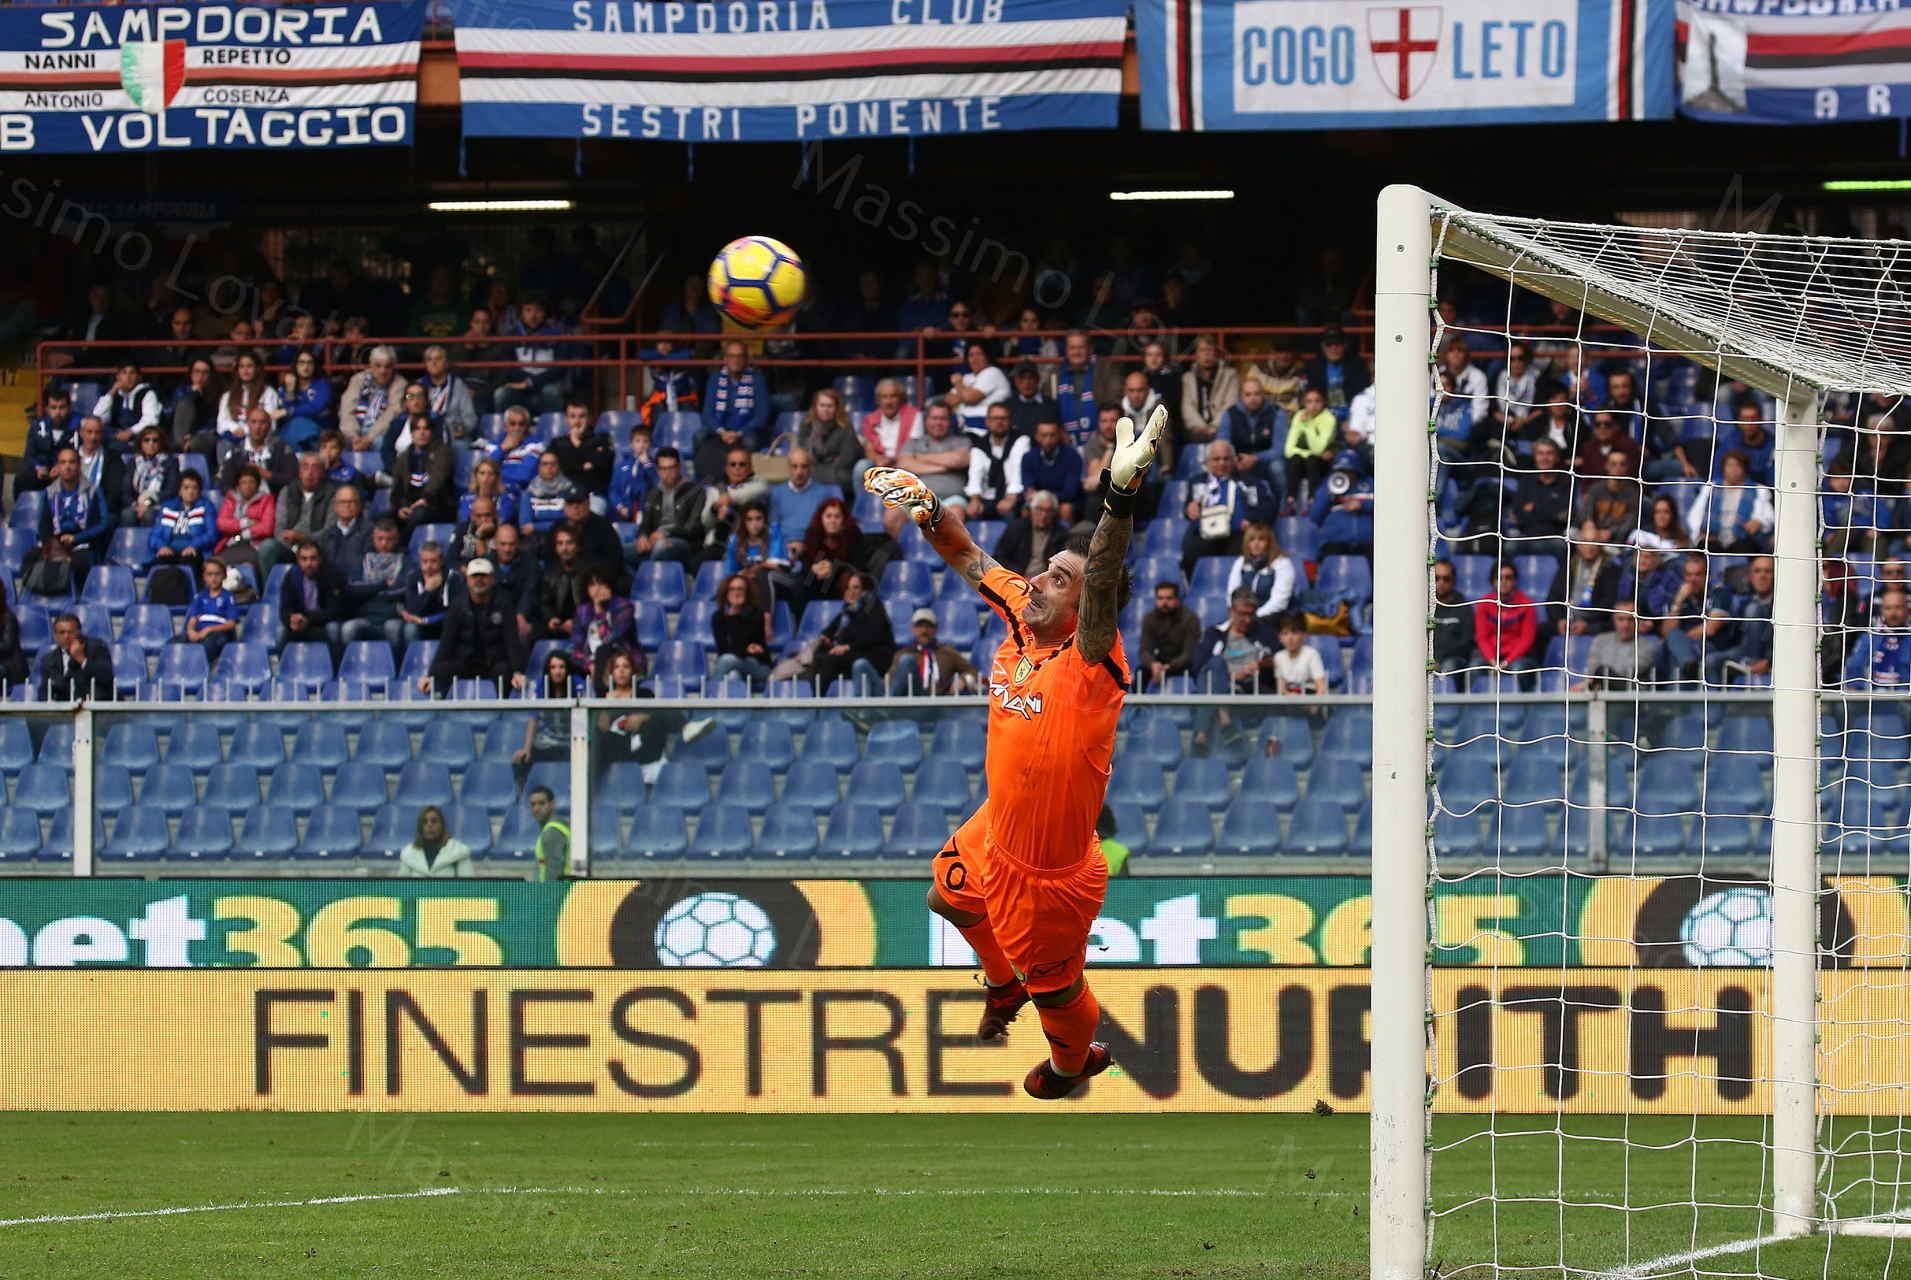 29/10/2017, Genova Campionato di calcio Serie A, Sampdoria - Chievo,nella foto Sorrentino non para il tiro goal , su punizione, di Torreira